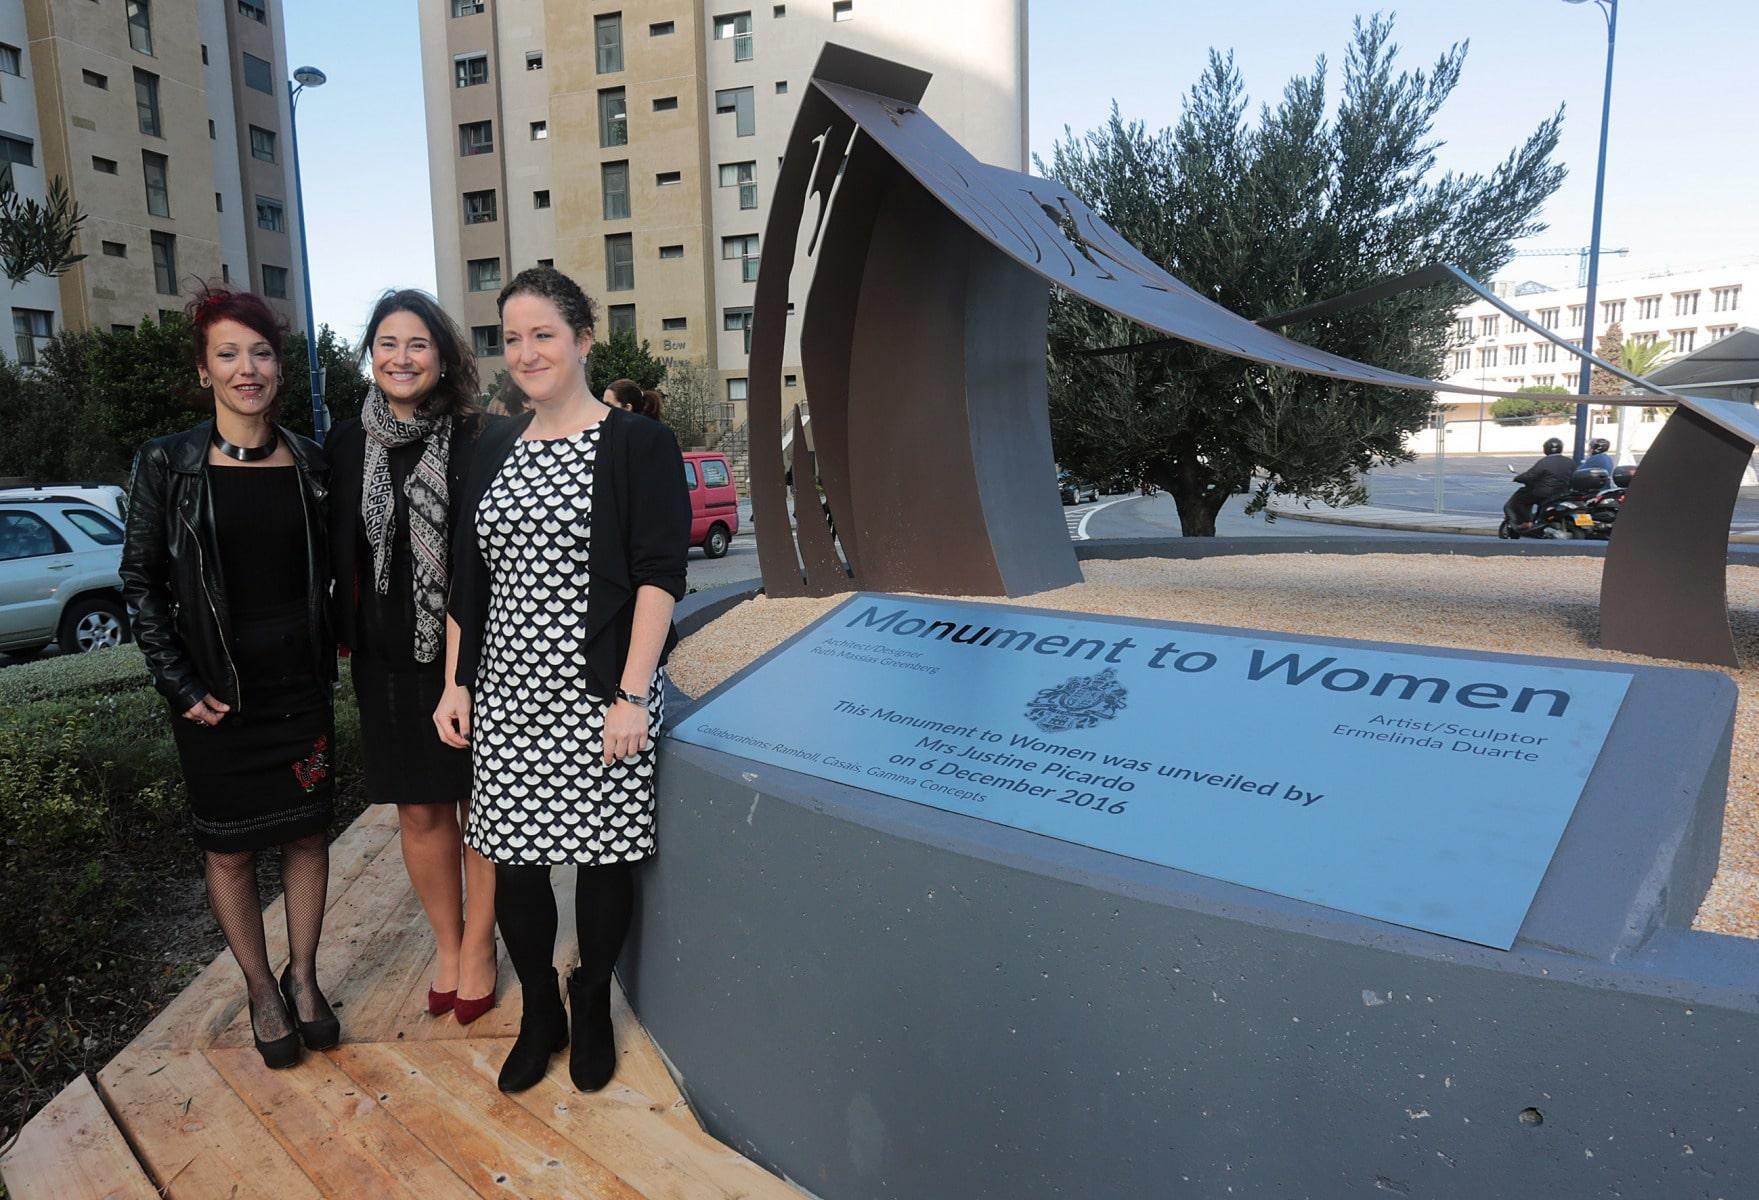 inauguracin-del-monumento-a-la-mujer-en-gibraltar_31093428910_o